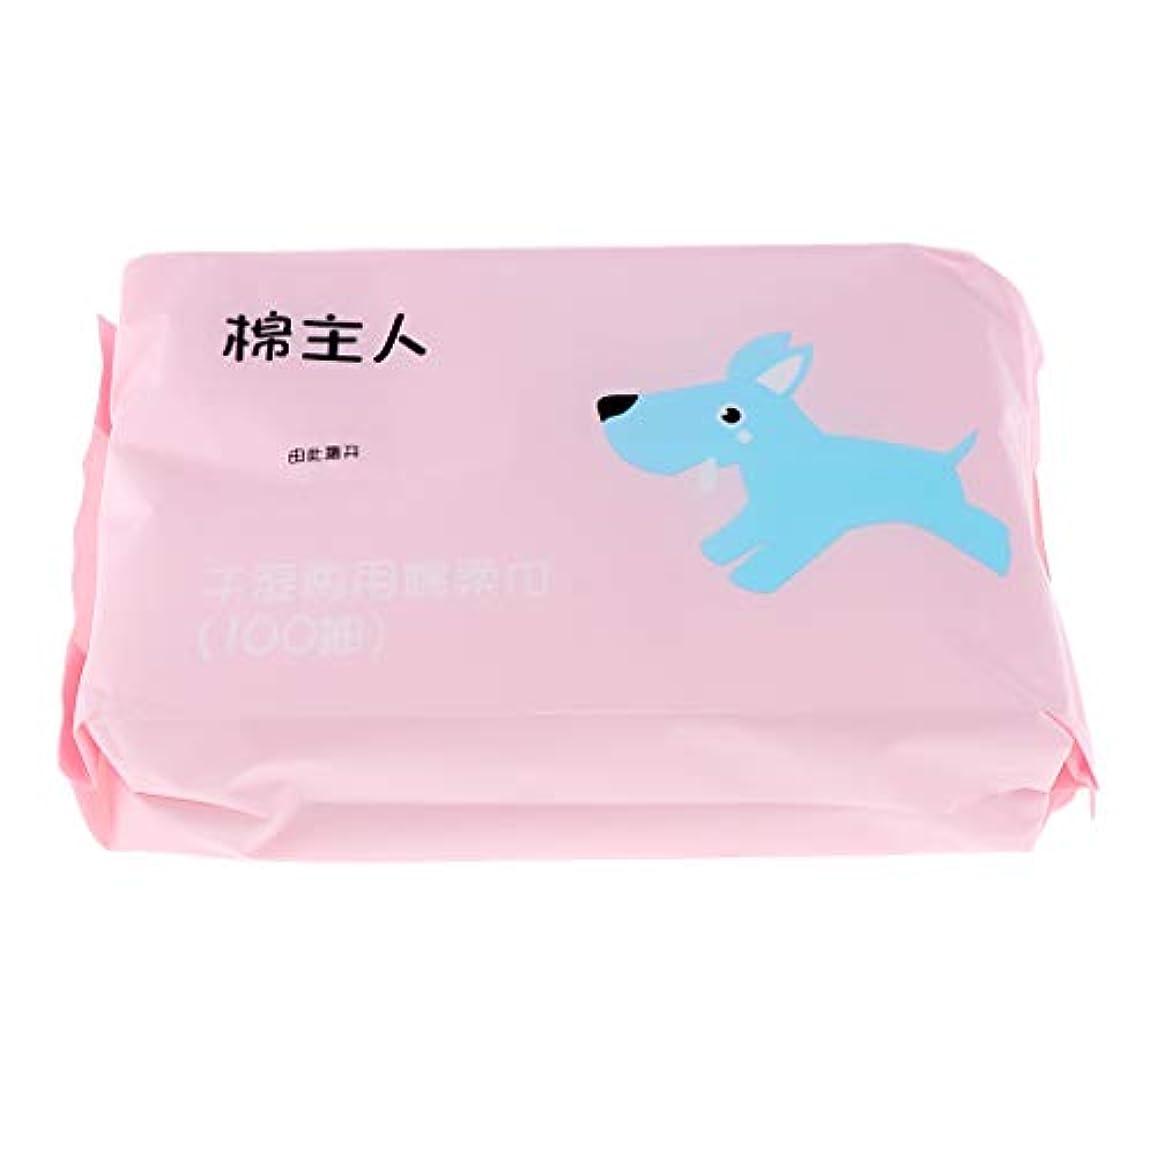 干渉推進、動かすチートF Fityle 約100枚 使い捨て フェイシャルタオル クリーニング フェイスタオル 化粧品 ソフト 2色選べ - ピンク